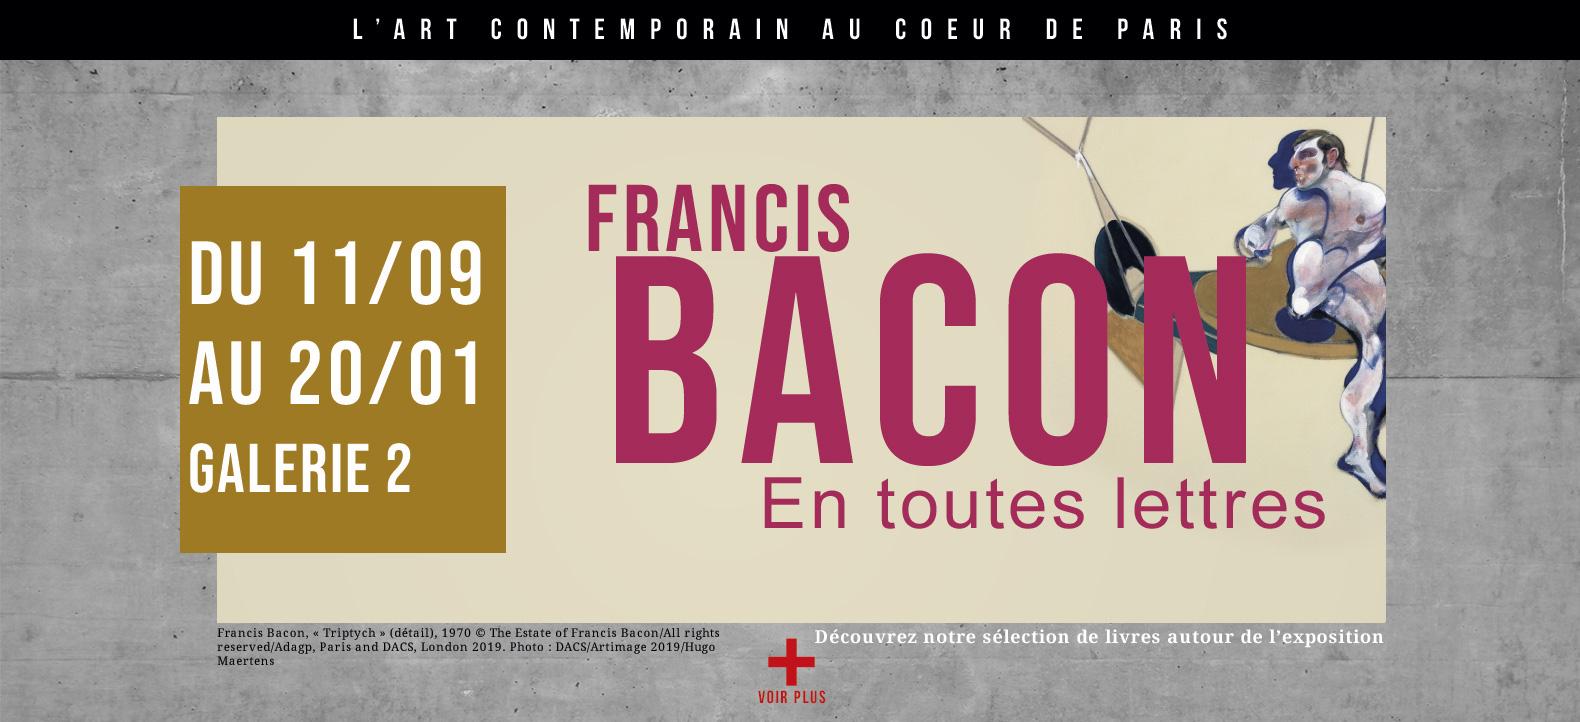 Francis Bacon, en toutes lettres. Exposition Centre Pompidou, galerie 2.